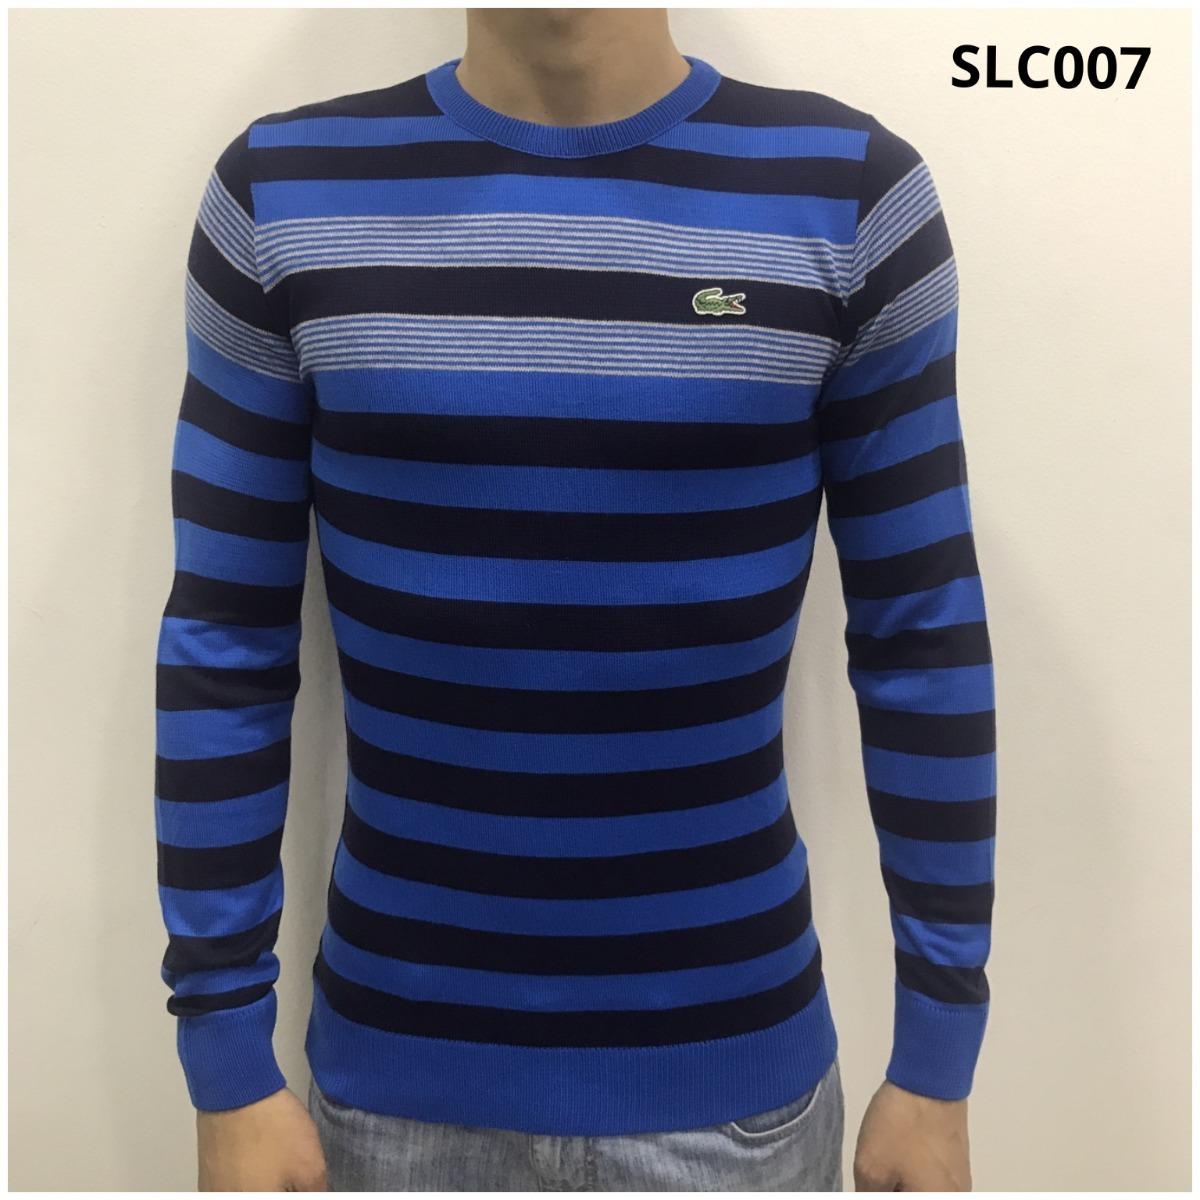 tricot lacoste original   promoção   sergio k   original. Carregando zoom. ba7506099d